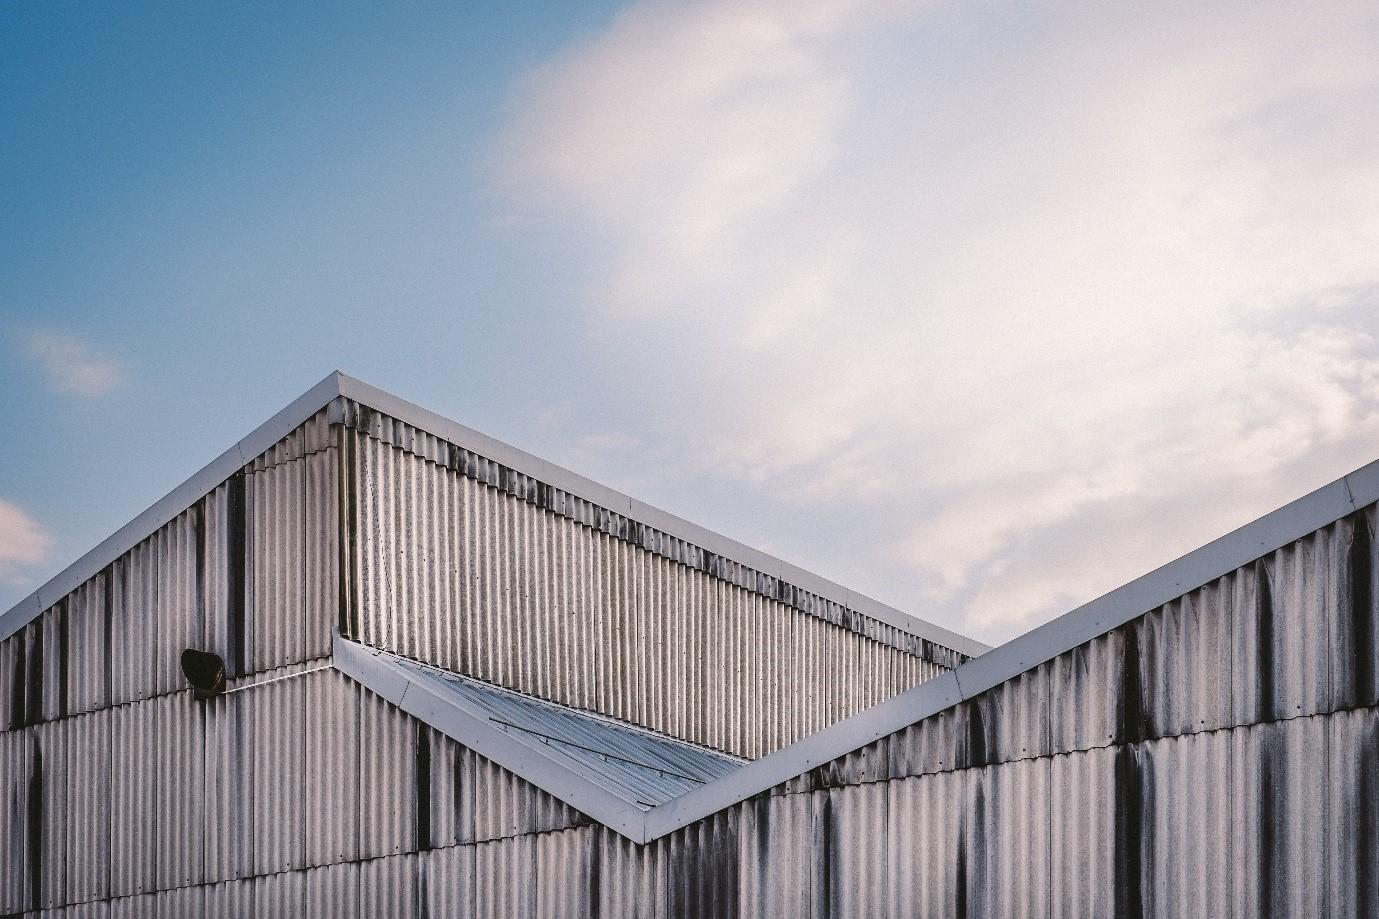 استفاده از ورق گالوانیزه برای پوشش سقف